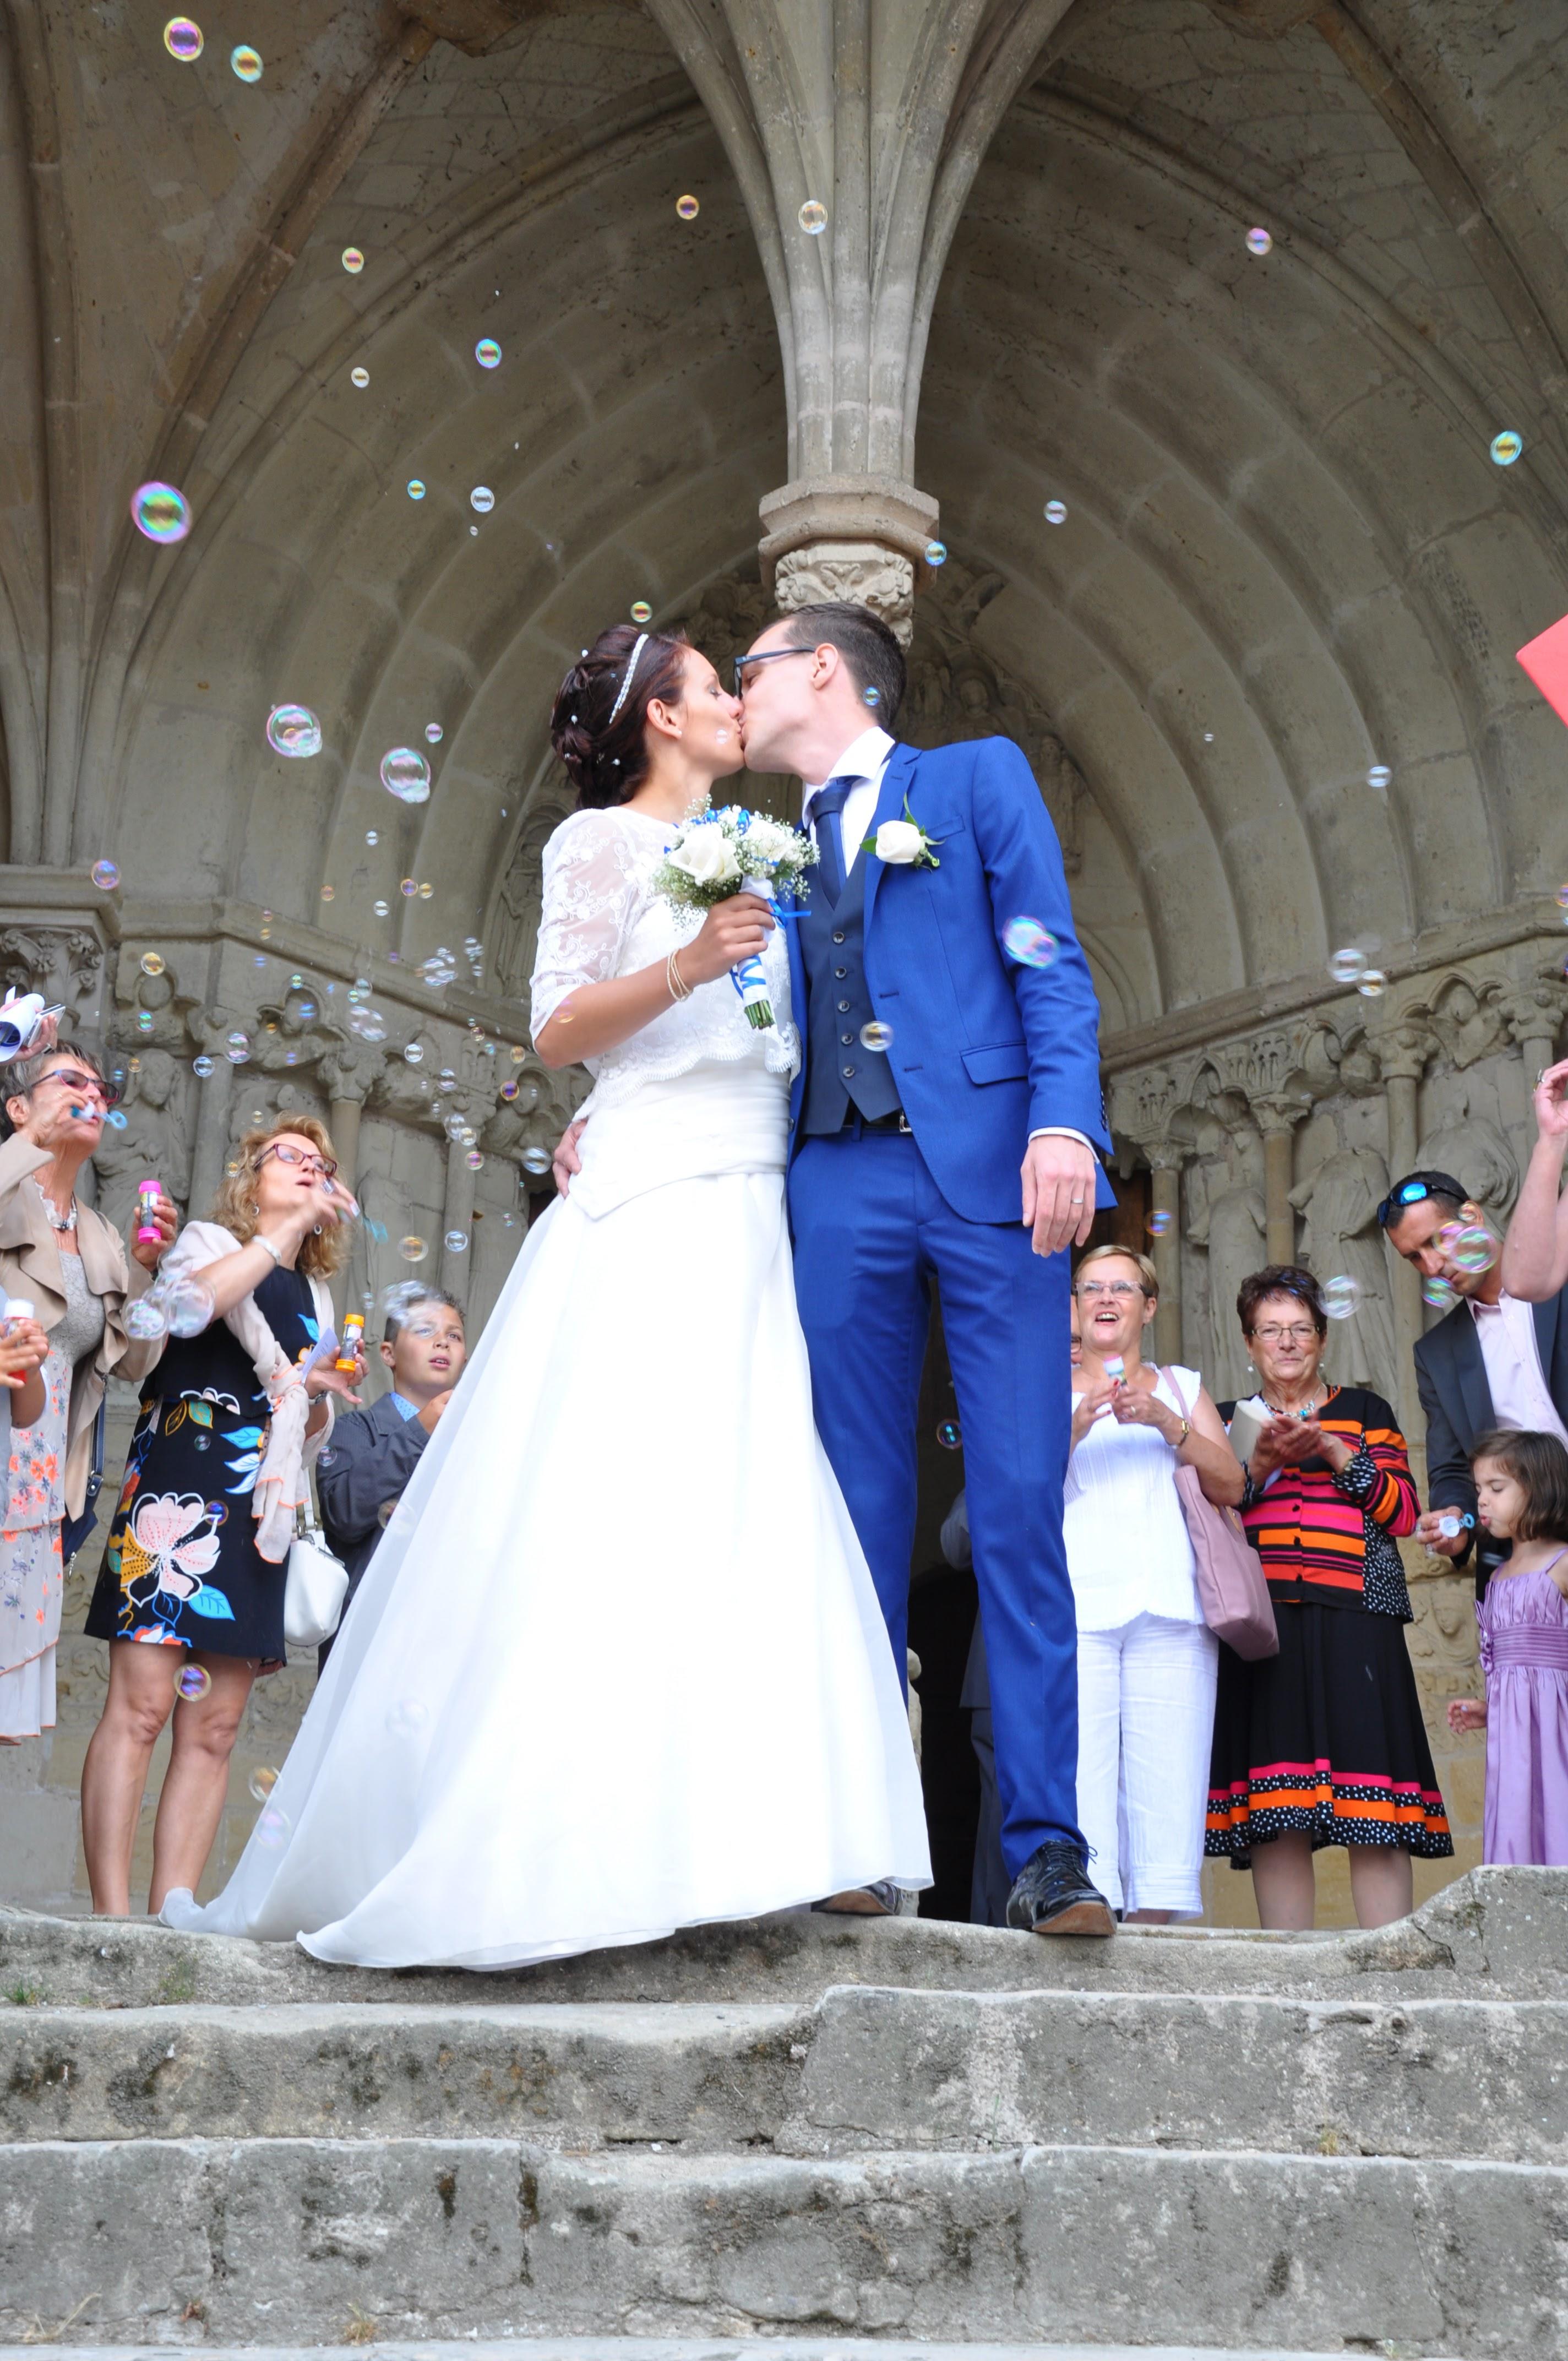 Le mariage de Charlène en bleu avec une touche de jaune et des paillettes (4)